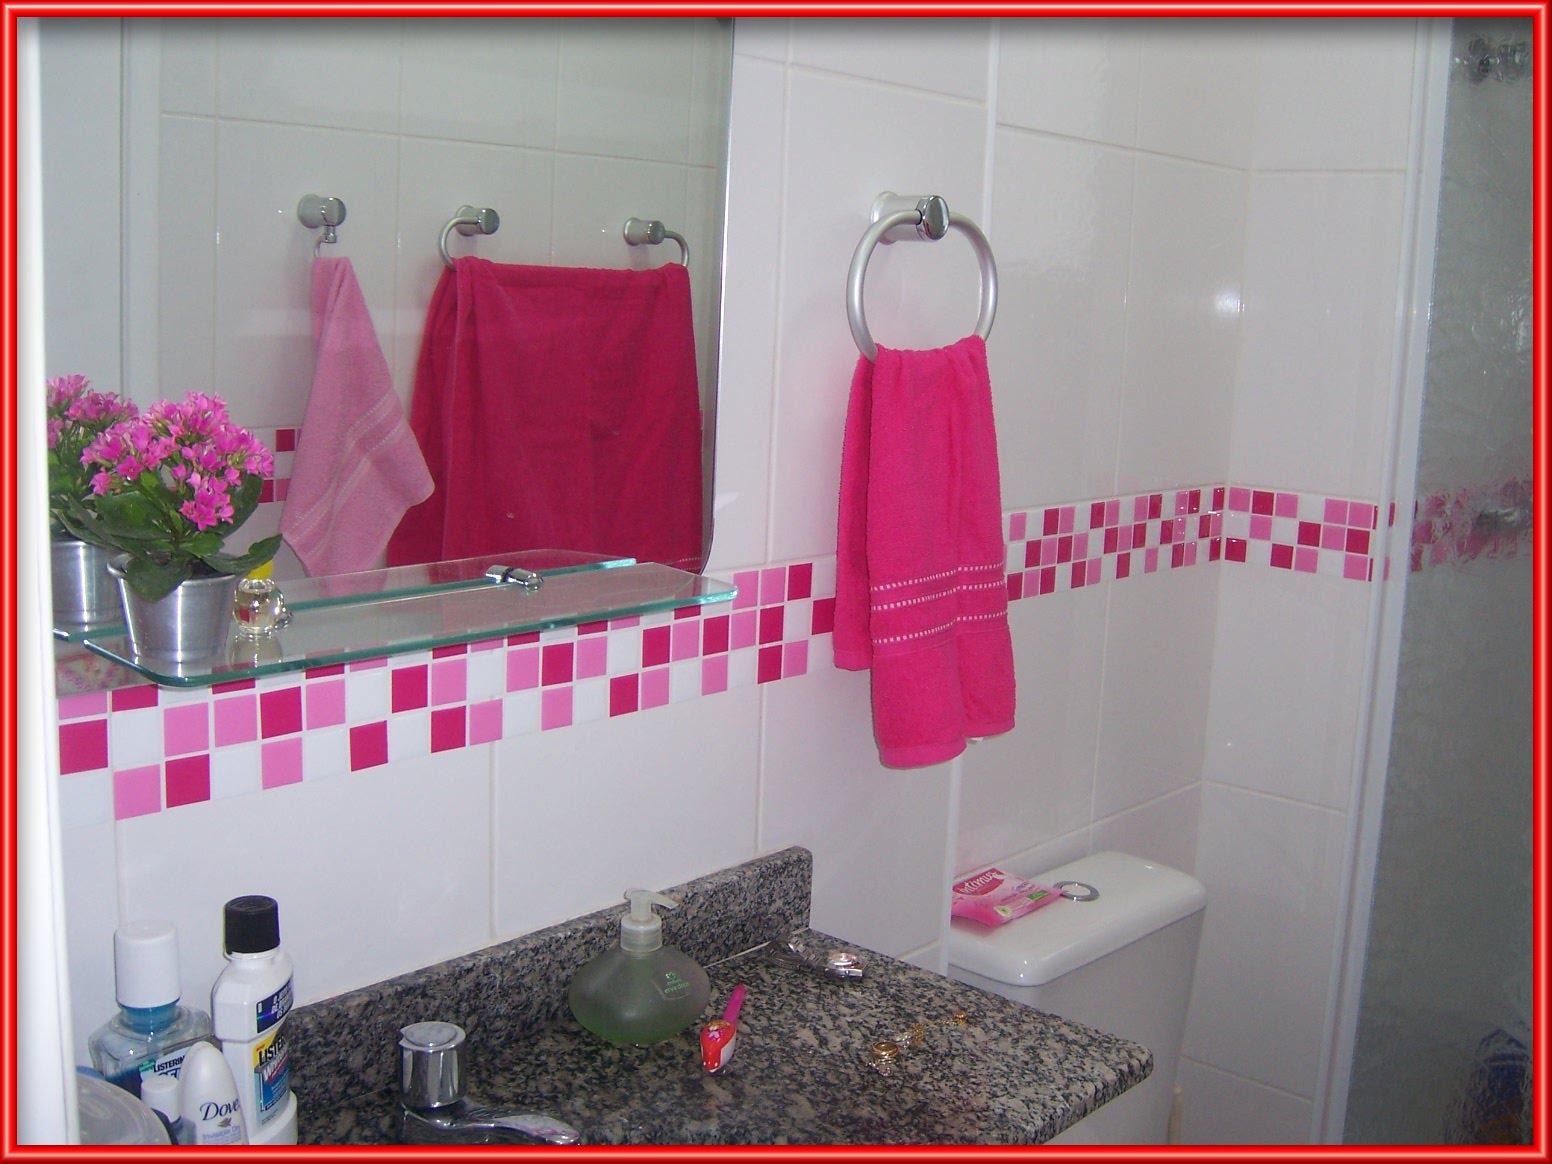 #B91214 Pastilhas de banheiro Falk Art e Decoração 1552x1164 px ver banheiros decorados com pastilhas